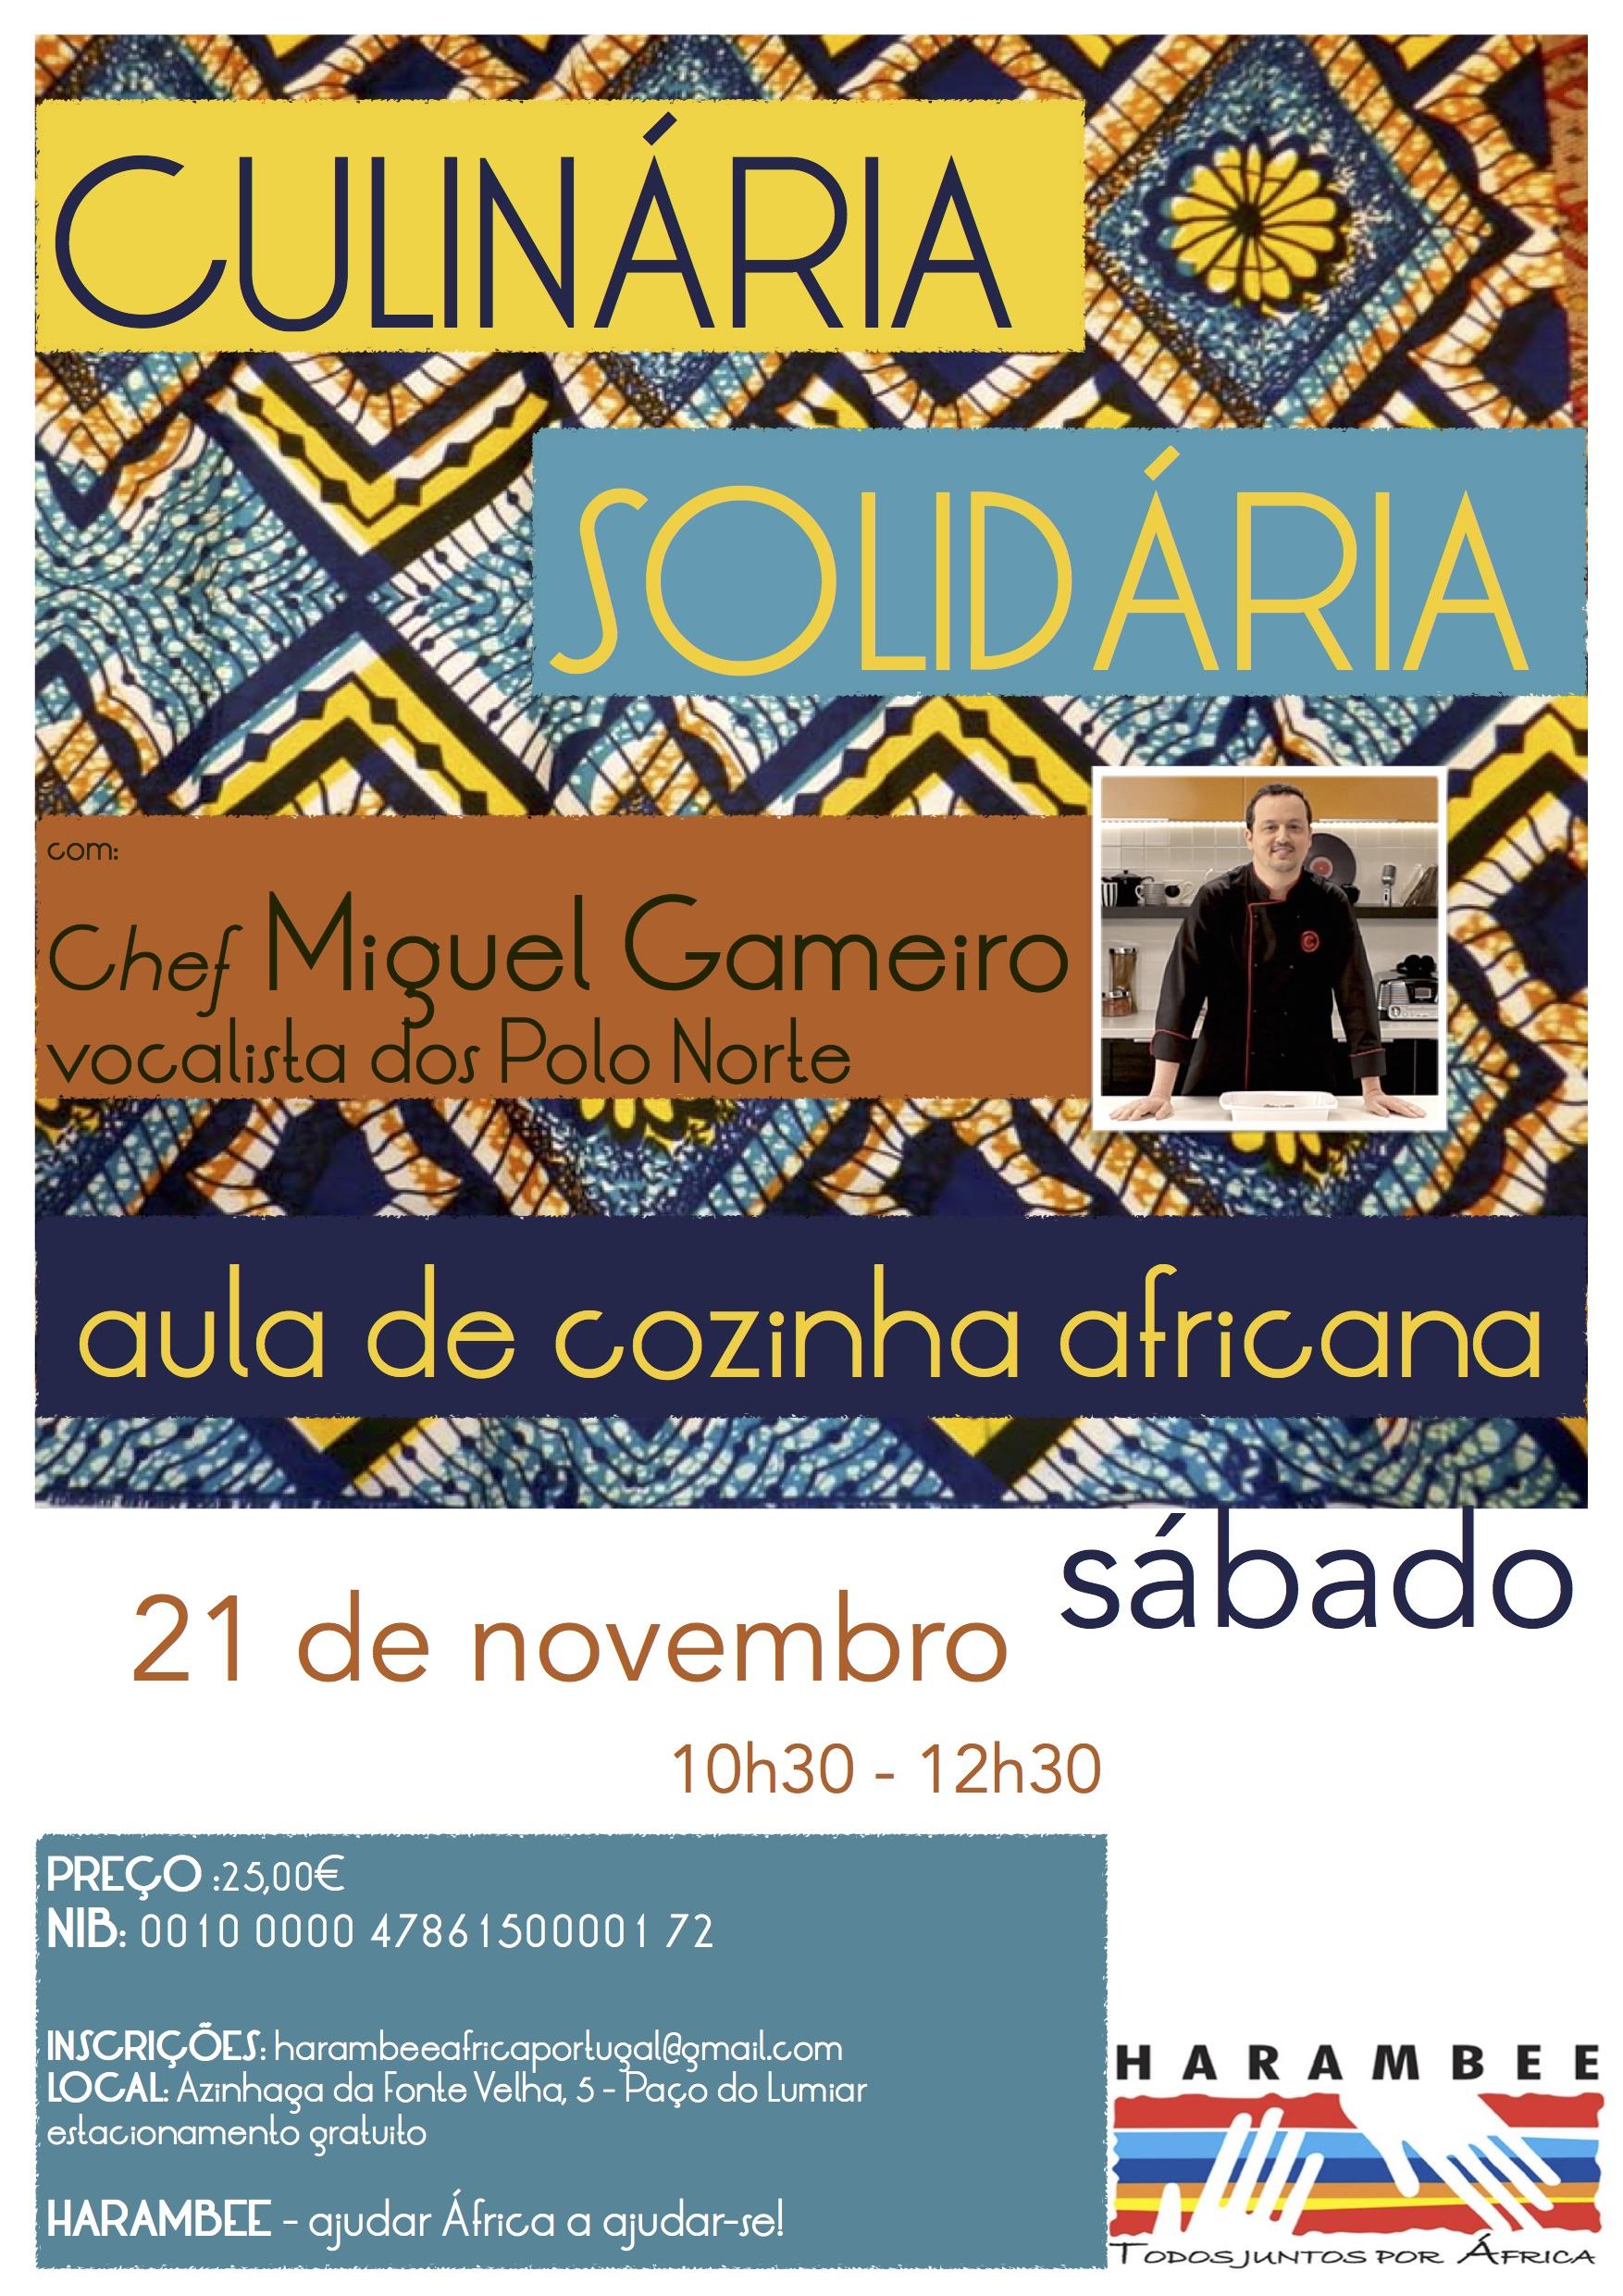 Culinária Solidária com o Chef Miguel Gameiro HARAMBEE ÁFRICA  #BA9D11 1754 2481